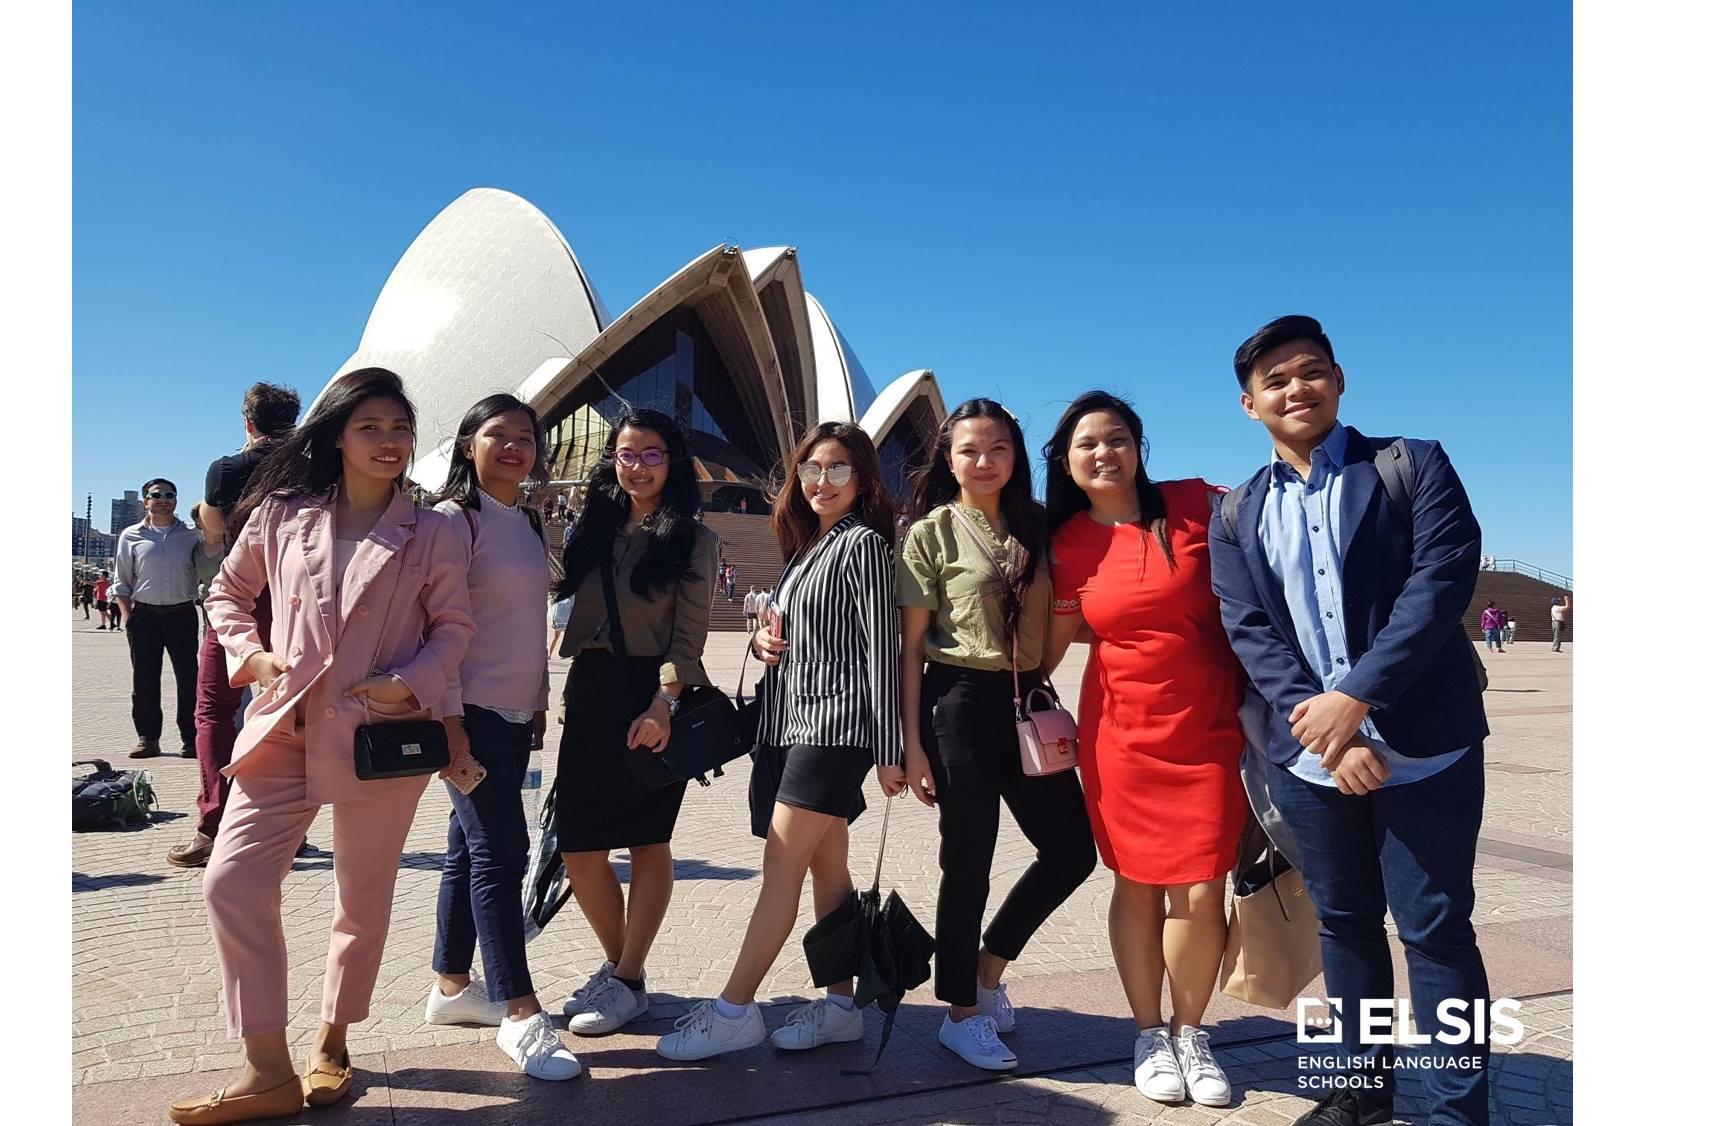 ELSIS English Language School In Sydney